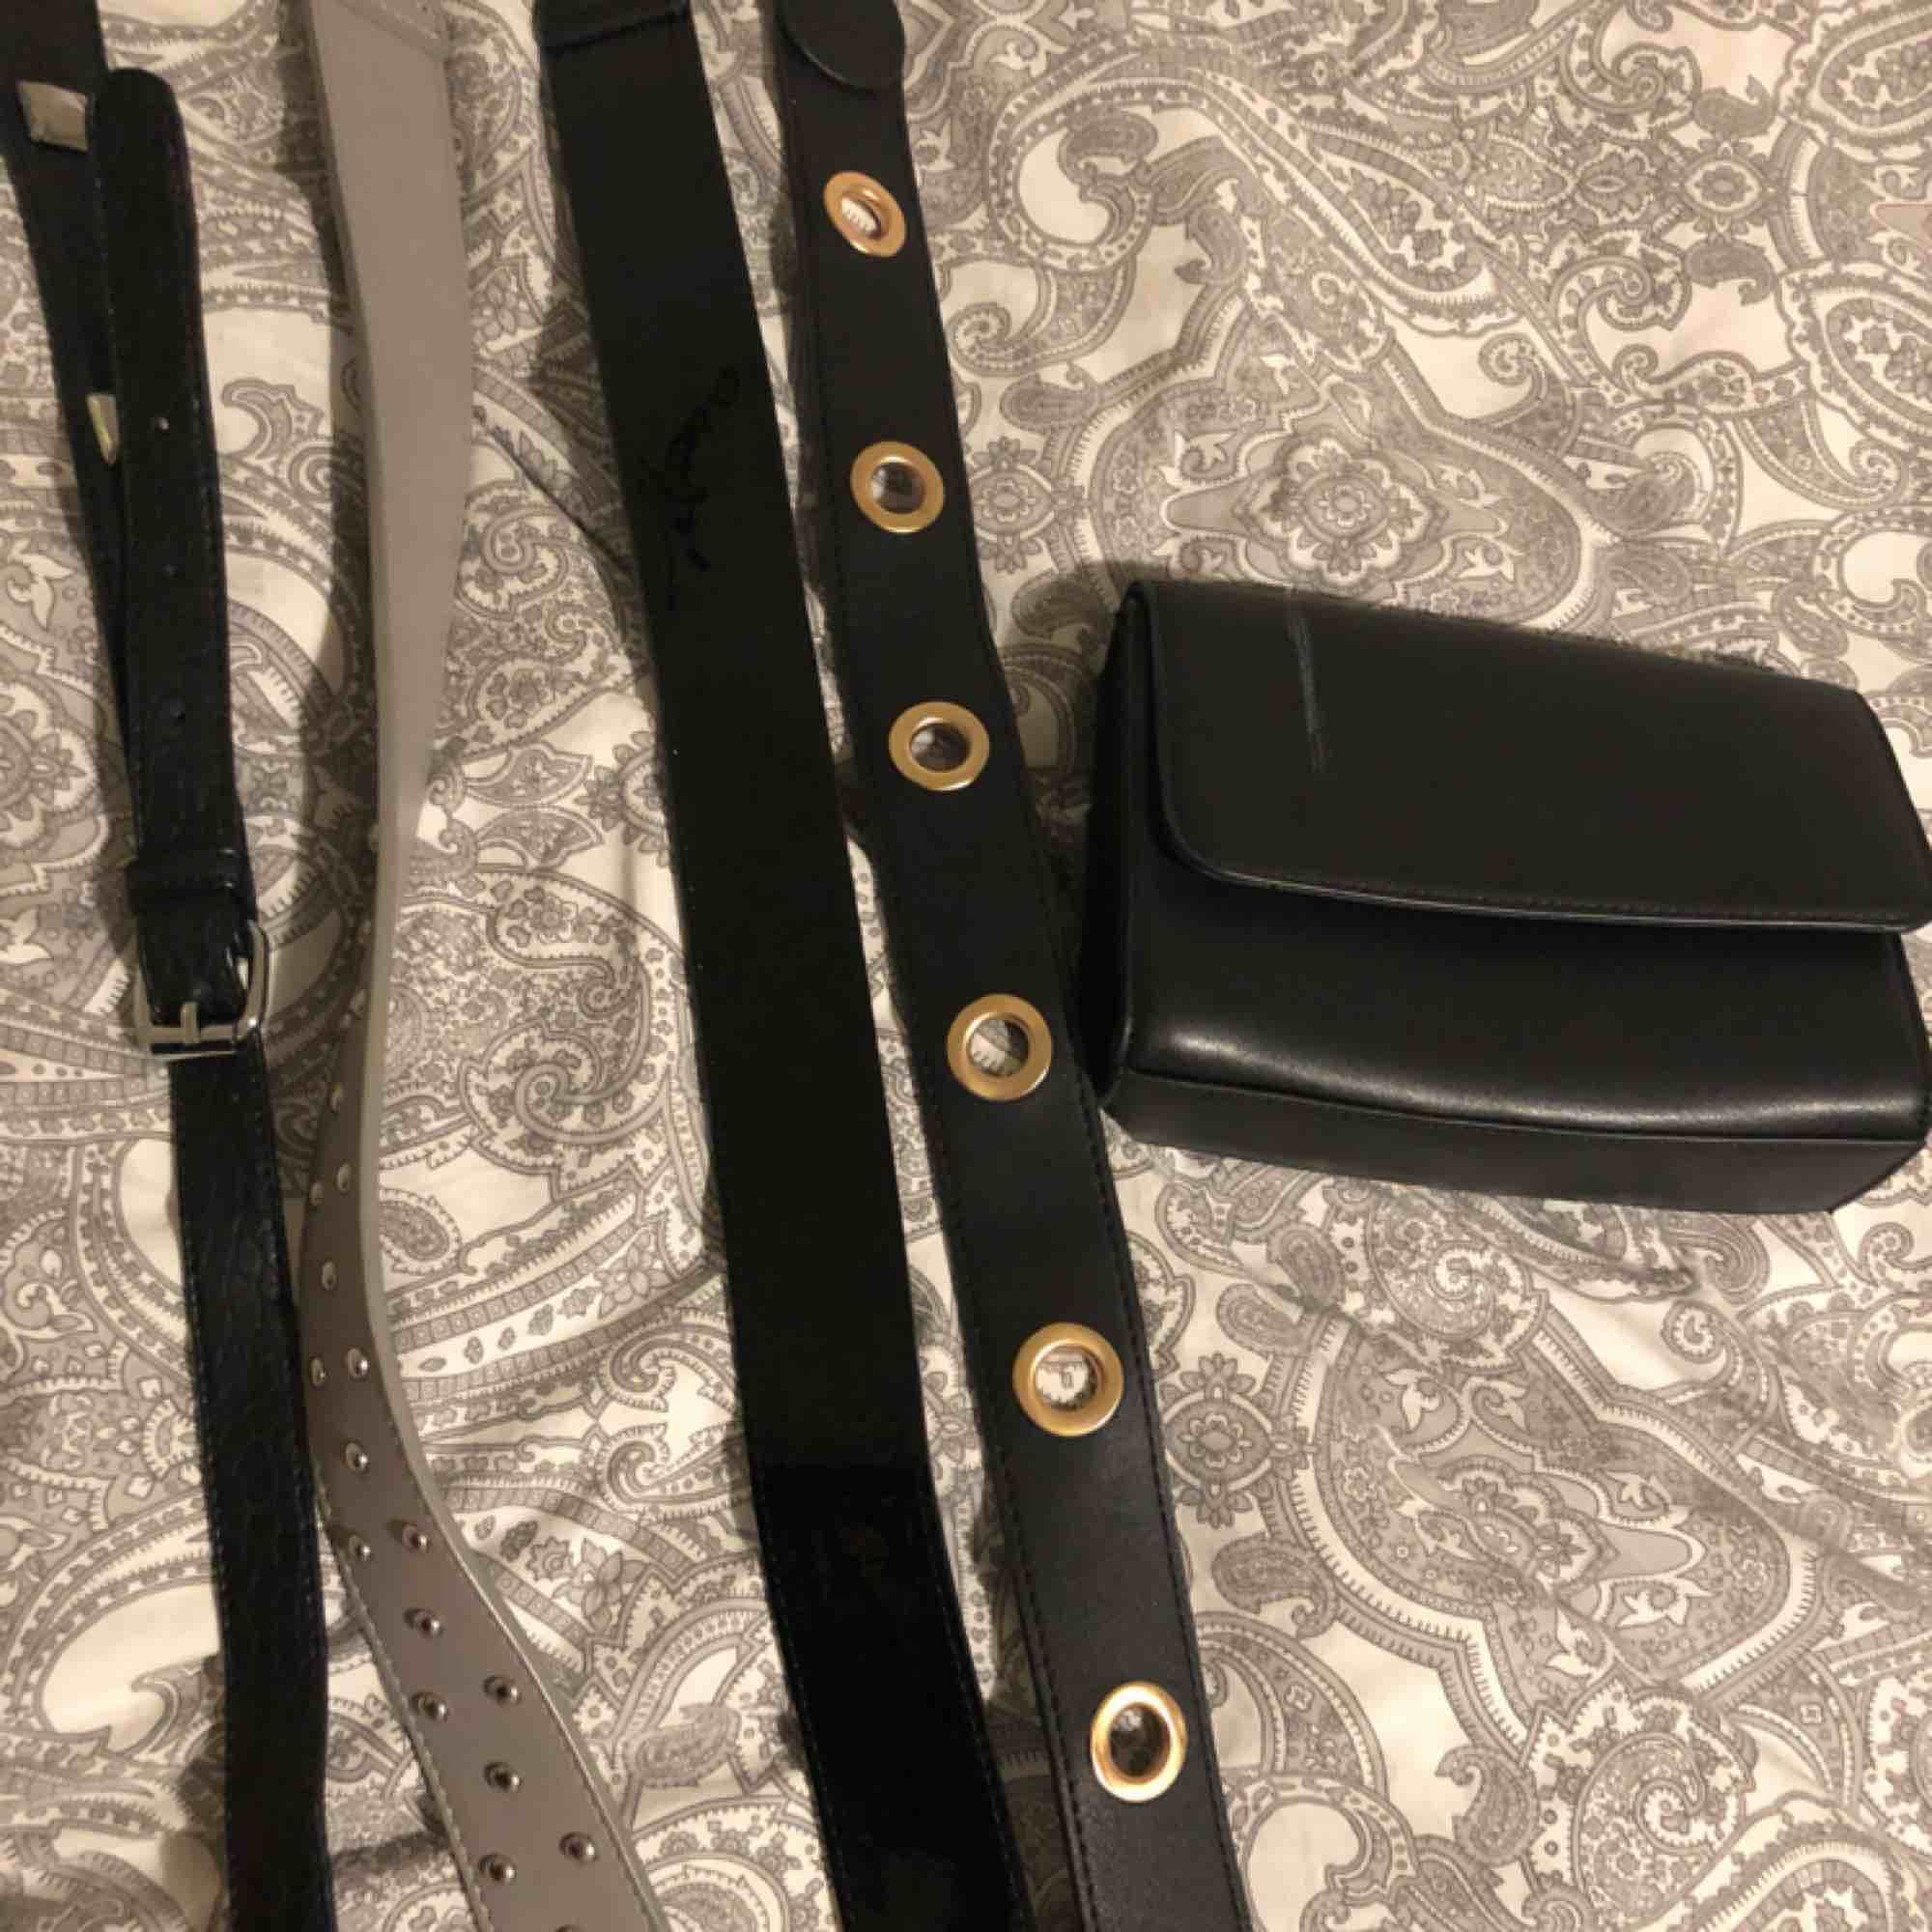 4 st olika väskband med tillhörande väska!  Väskan har en liten skråma på därav billigt pris. Den borde gå att täcka över med svart penna eller så 💖💖💖  50 kr/ st annars kan man köpa allt tillsammans för 200 kr!! ❤️. Väskor.